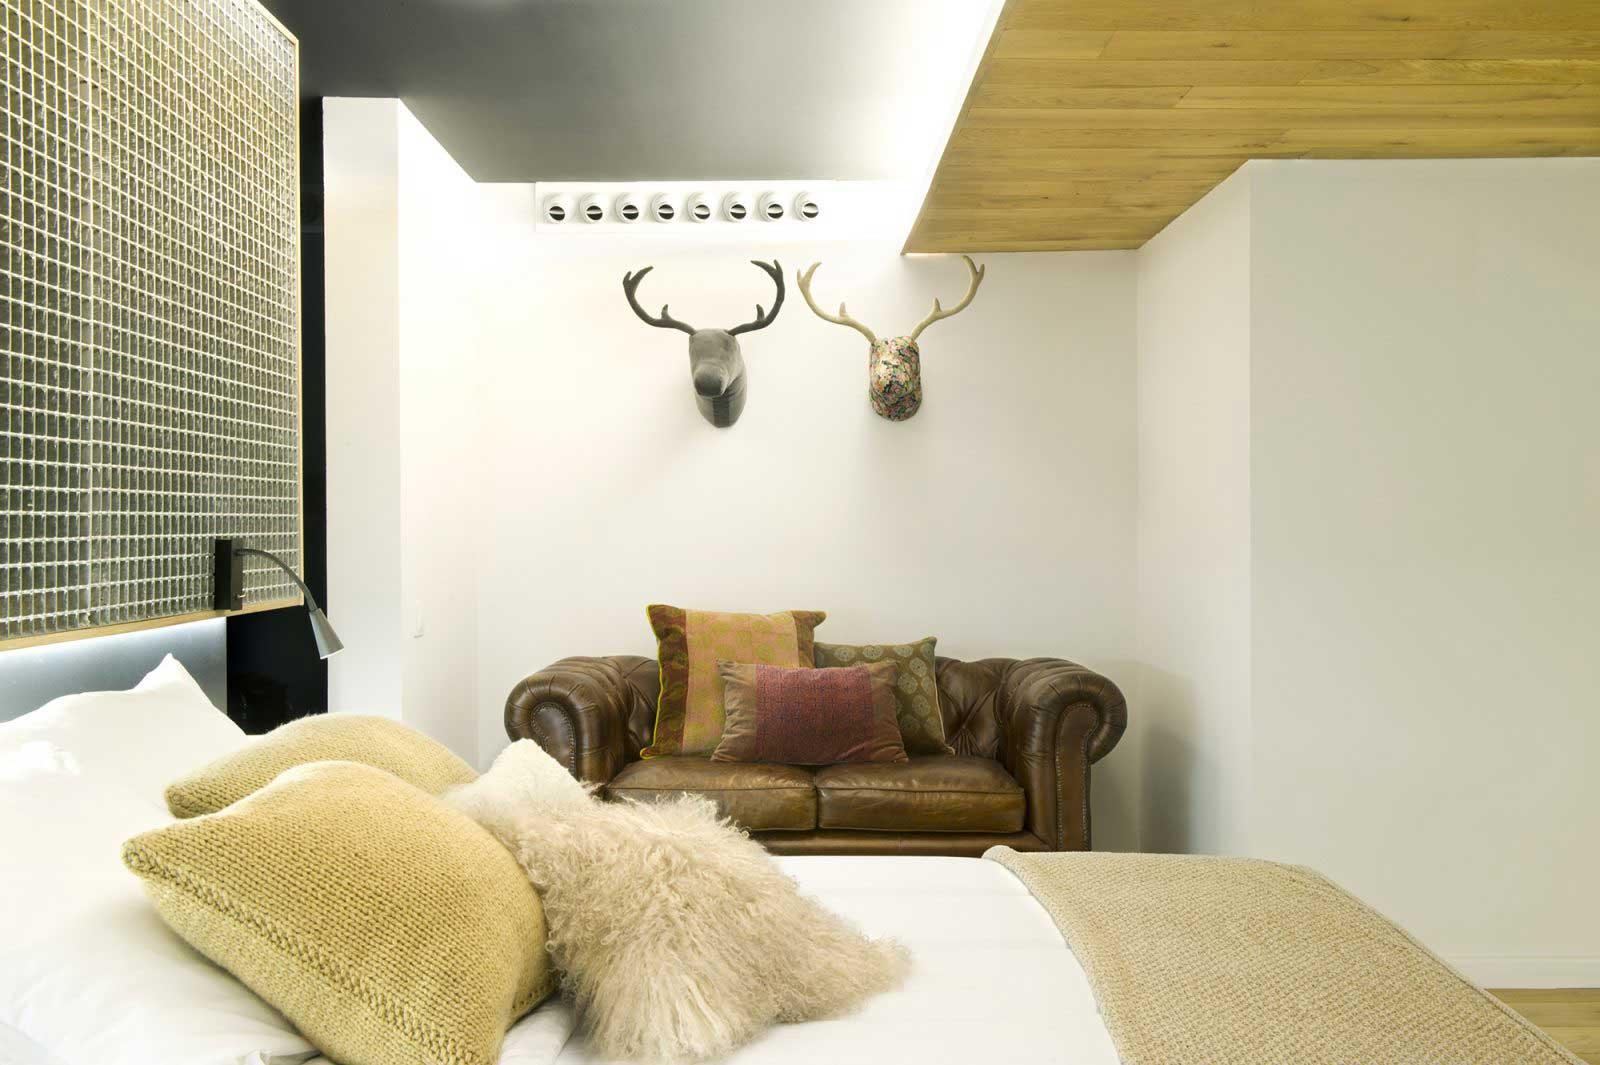 Canapé avec tête de cerf au-dessus